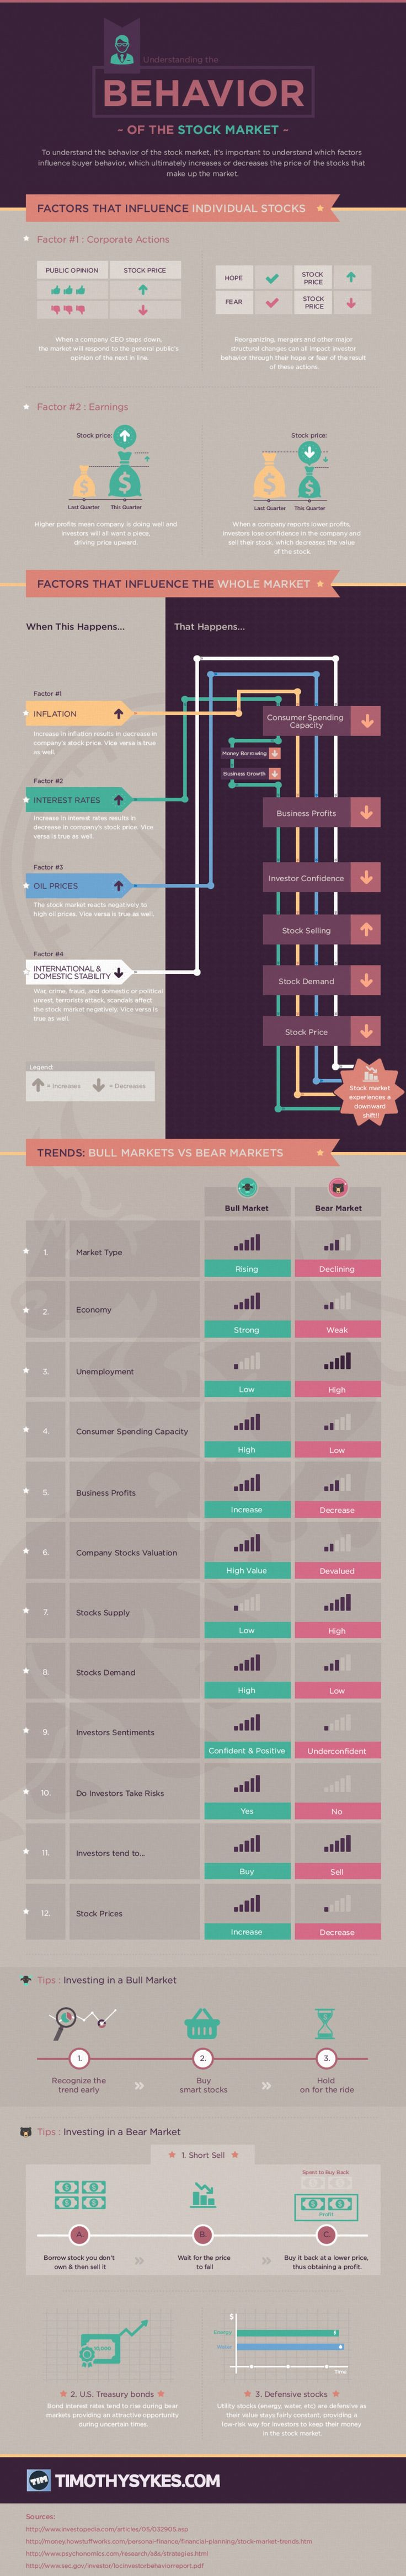 Understanding the Behavior of the Stock Market Infographic